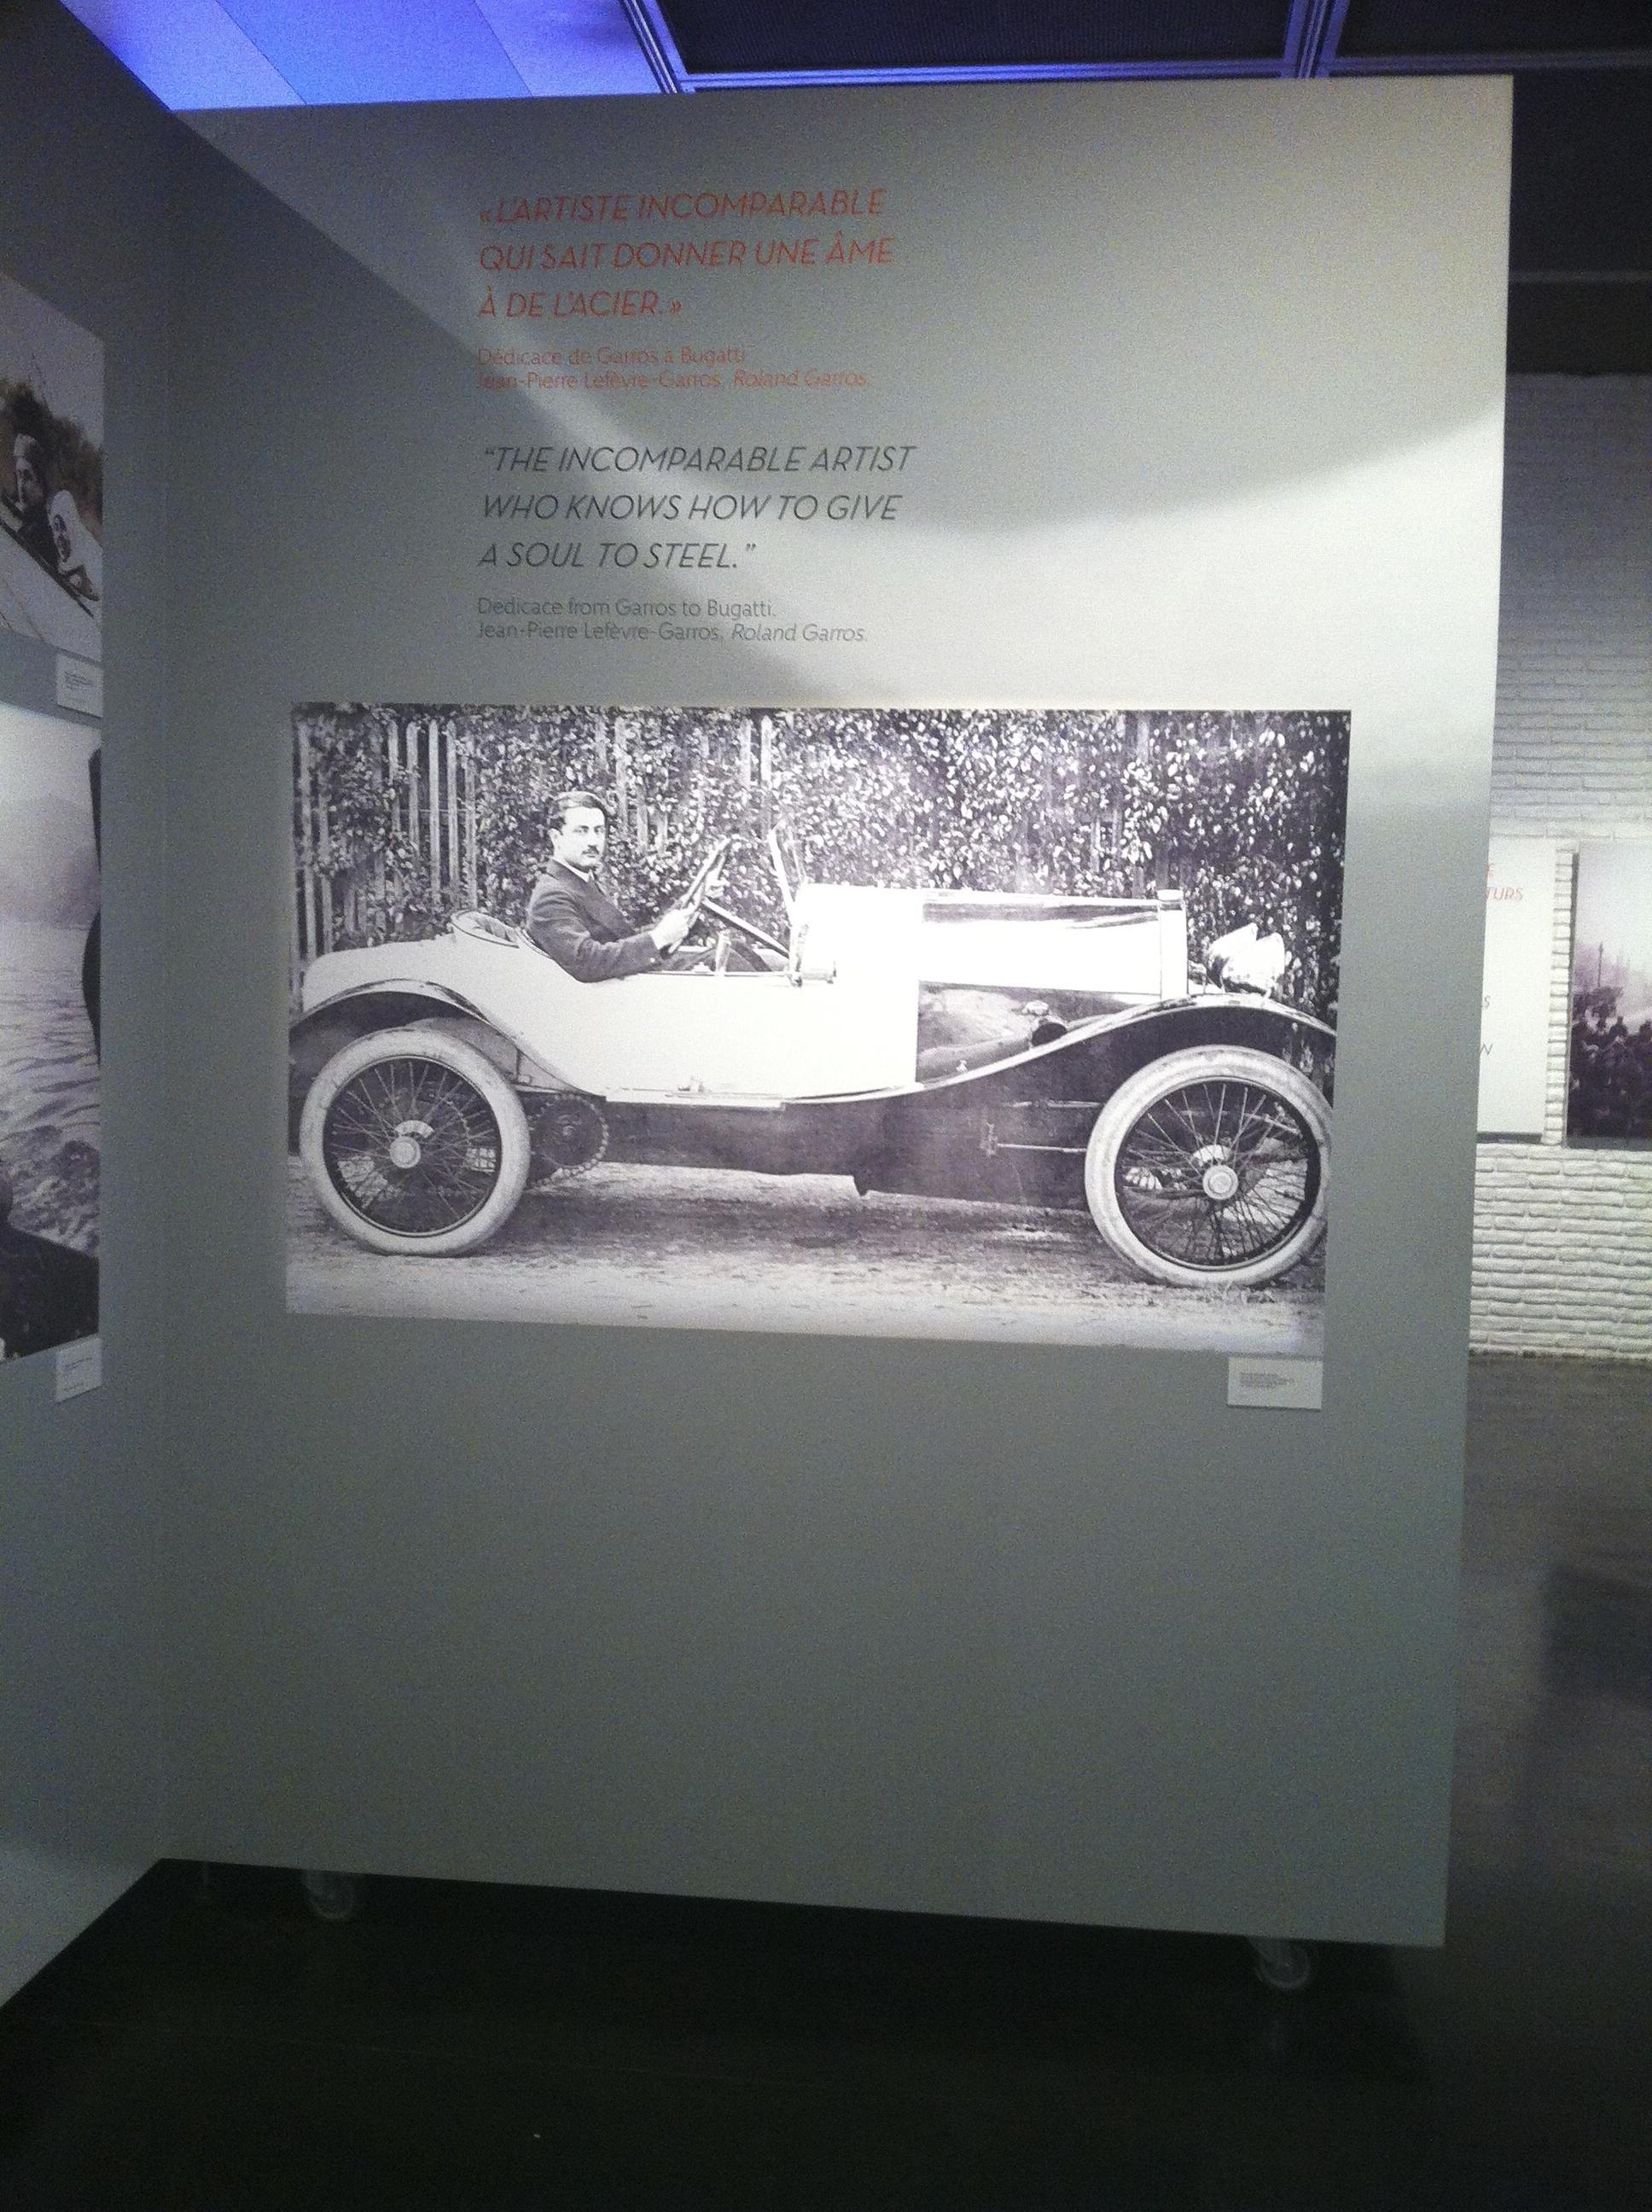 """En 1913, le constructeur d'automobiles italien Ettore Bugatti, fasciné par le moral d'acier de l'aviateur, baptise l'un de ses modèles """"La Roland-Garros""""."""